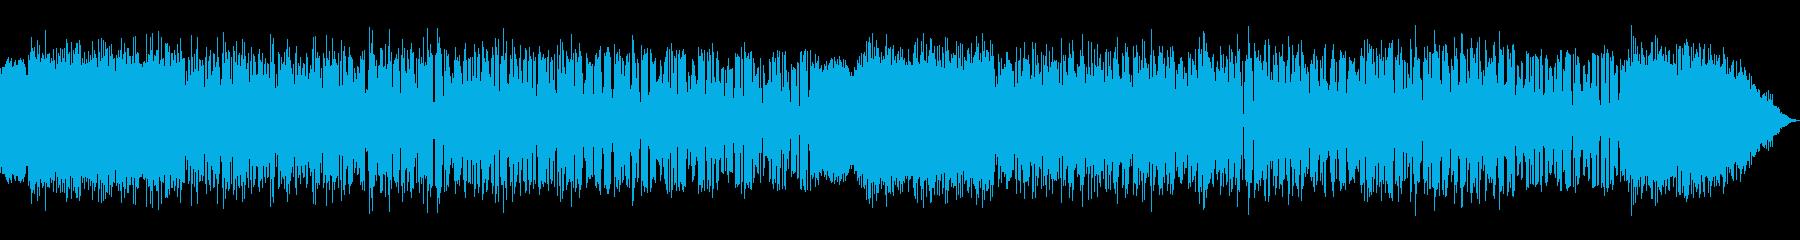 人工生命体 アンドロイド ナノテクの再生済みの波形